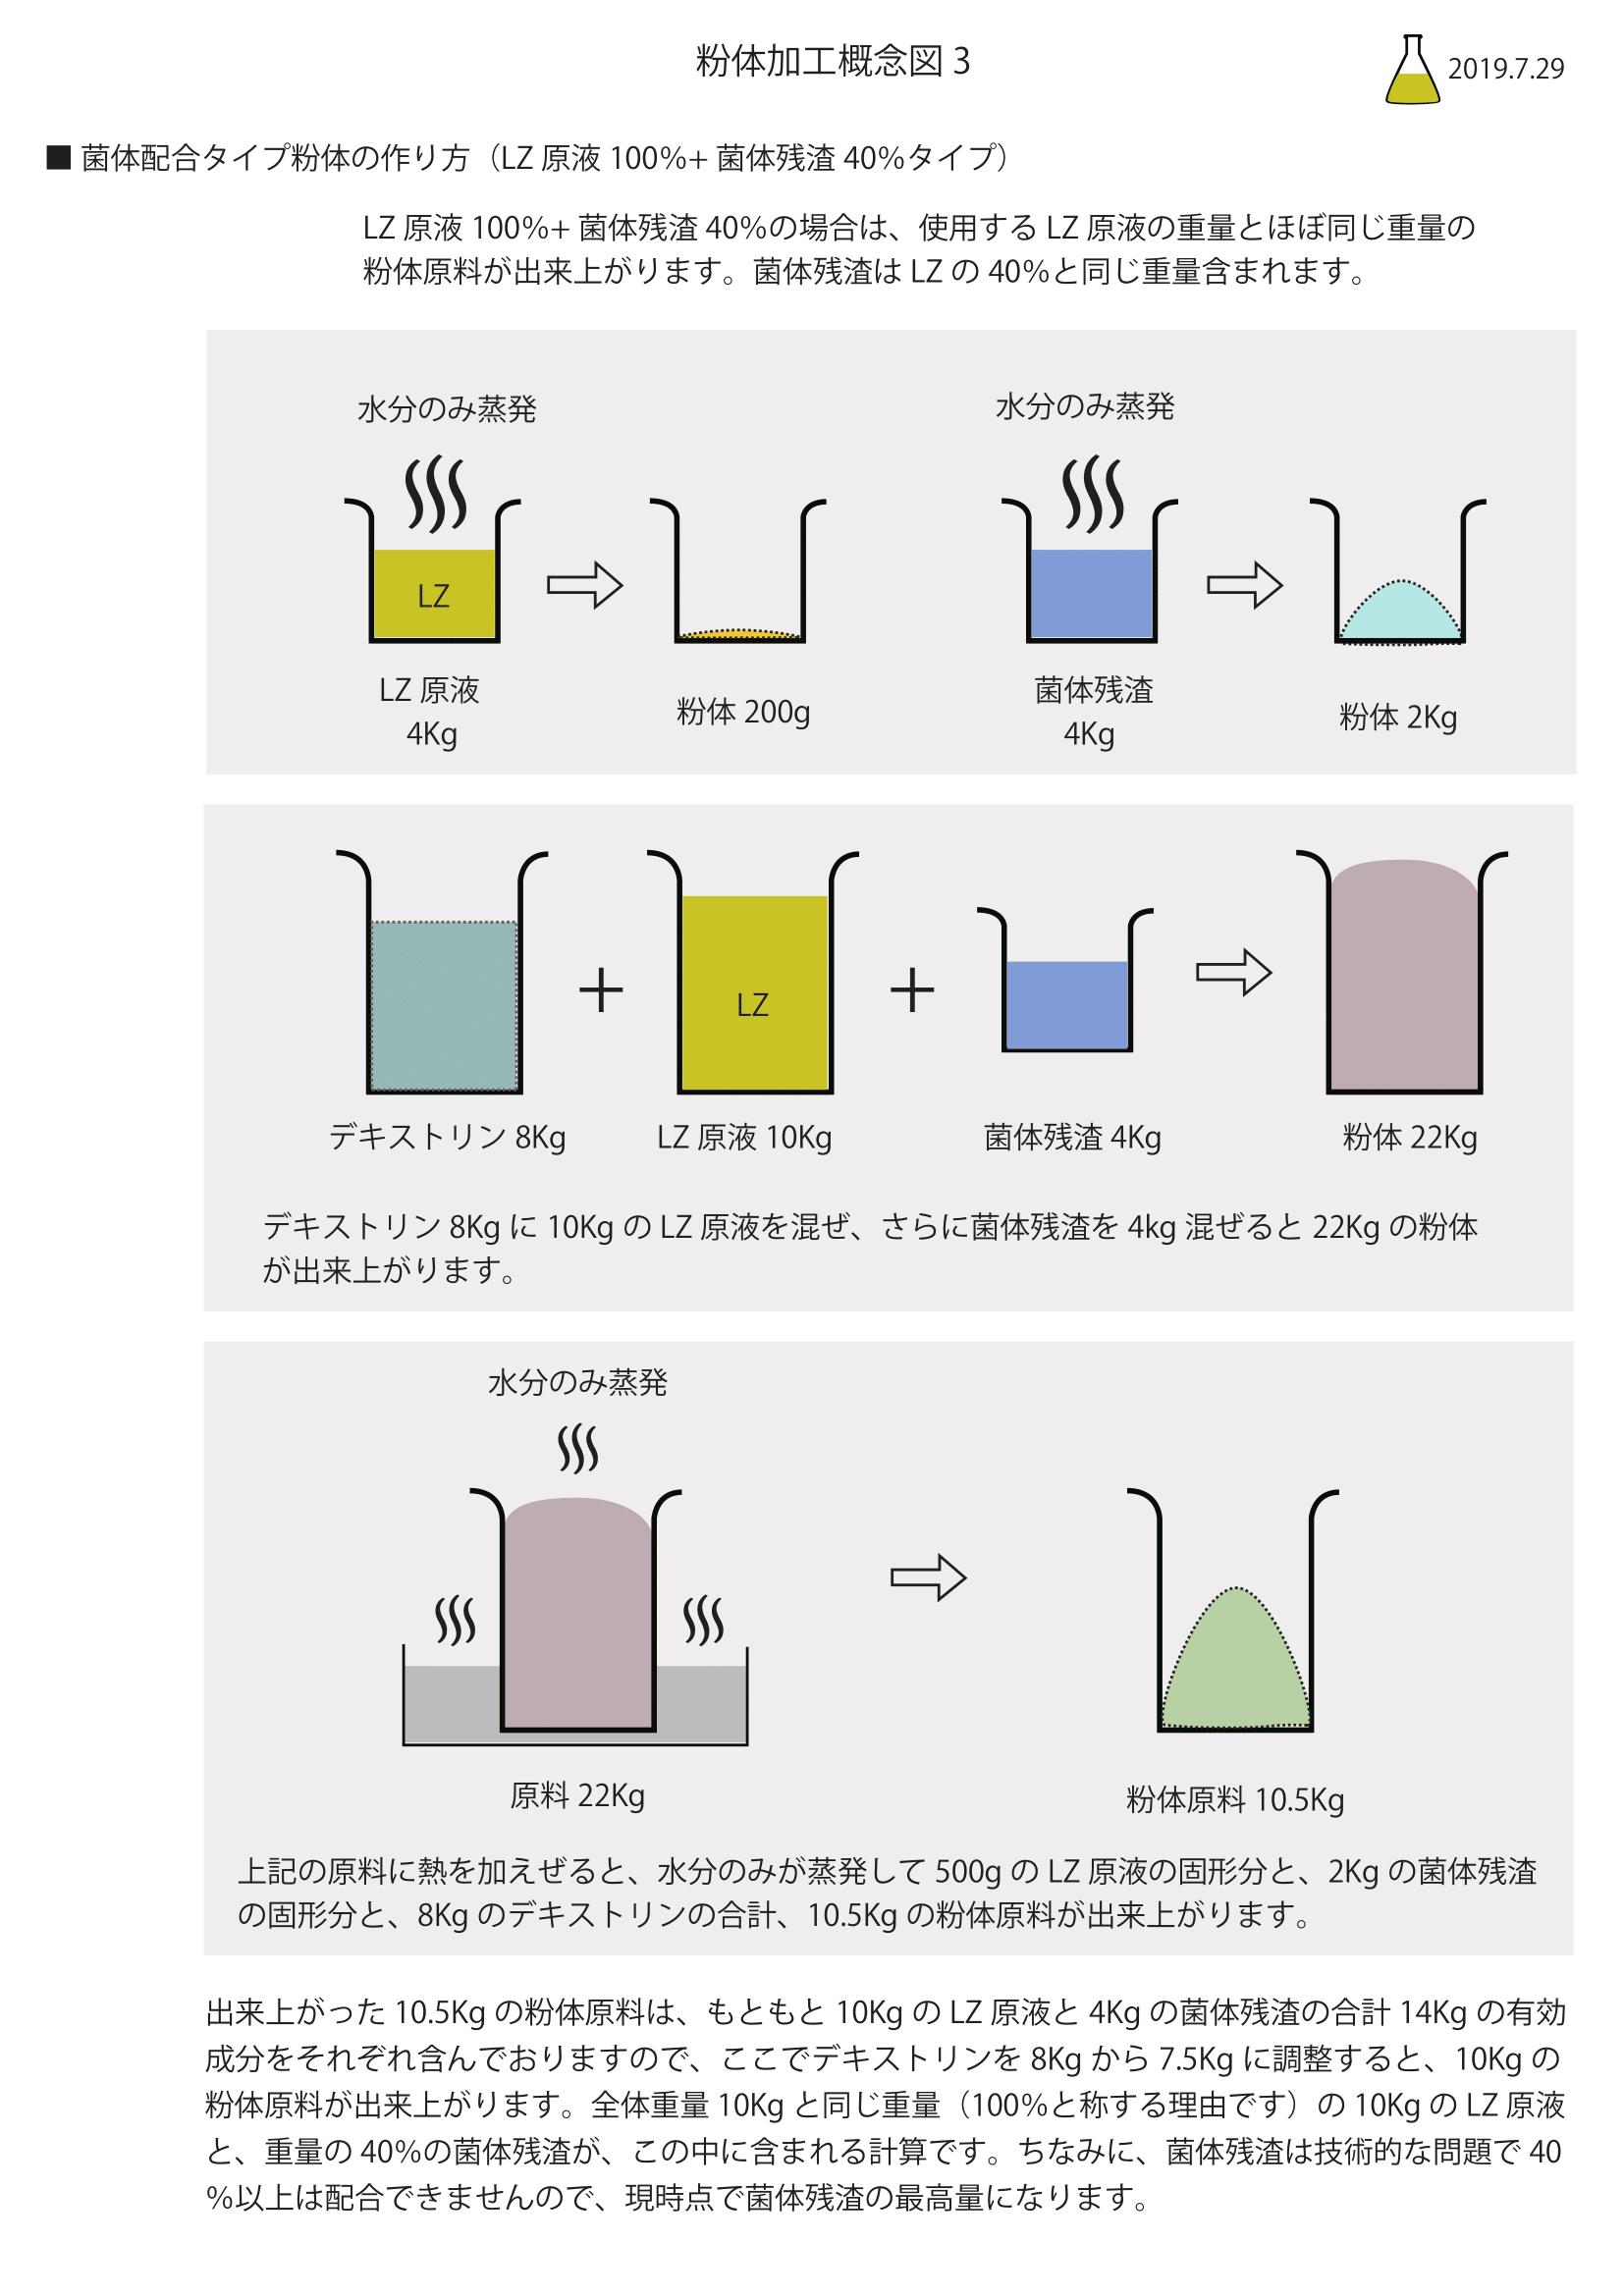 原液100%+菌体40%